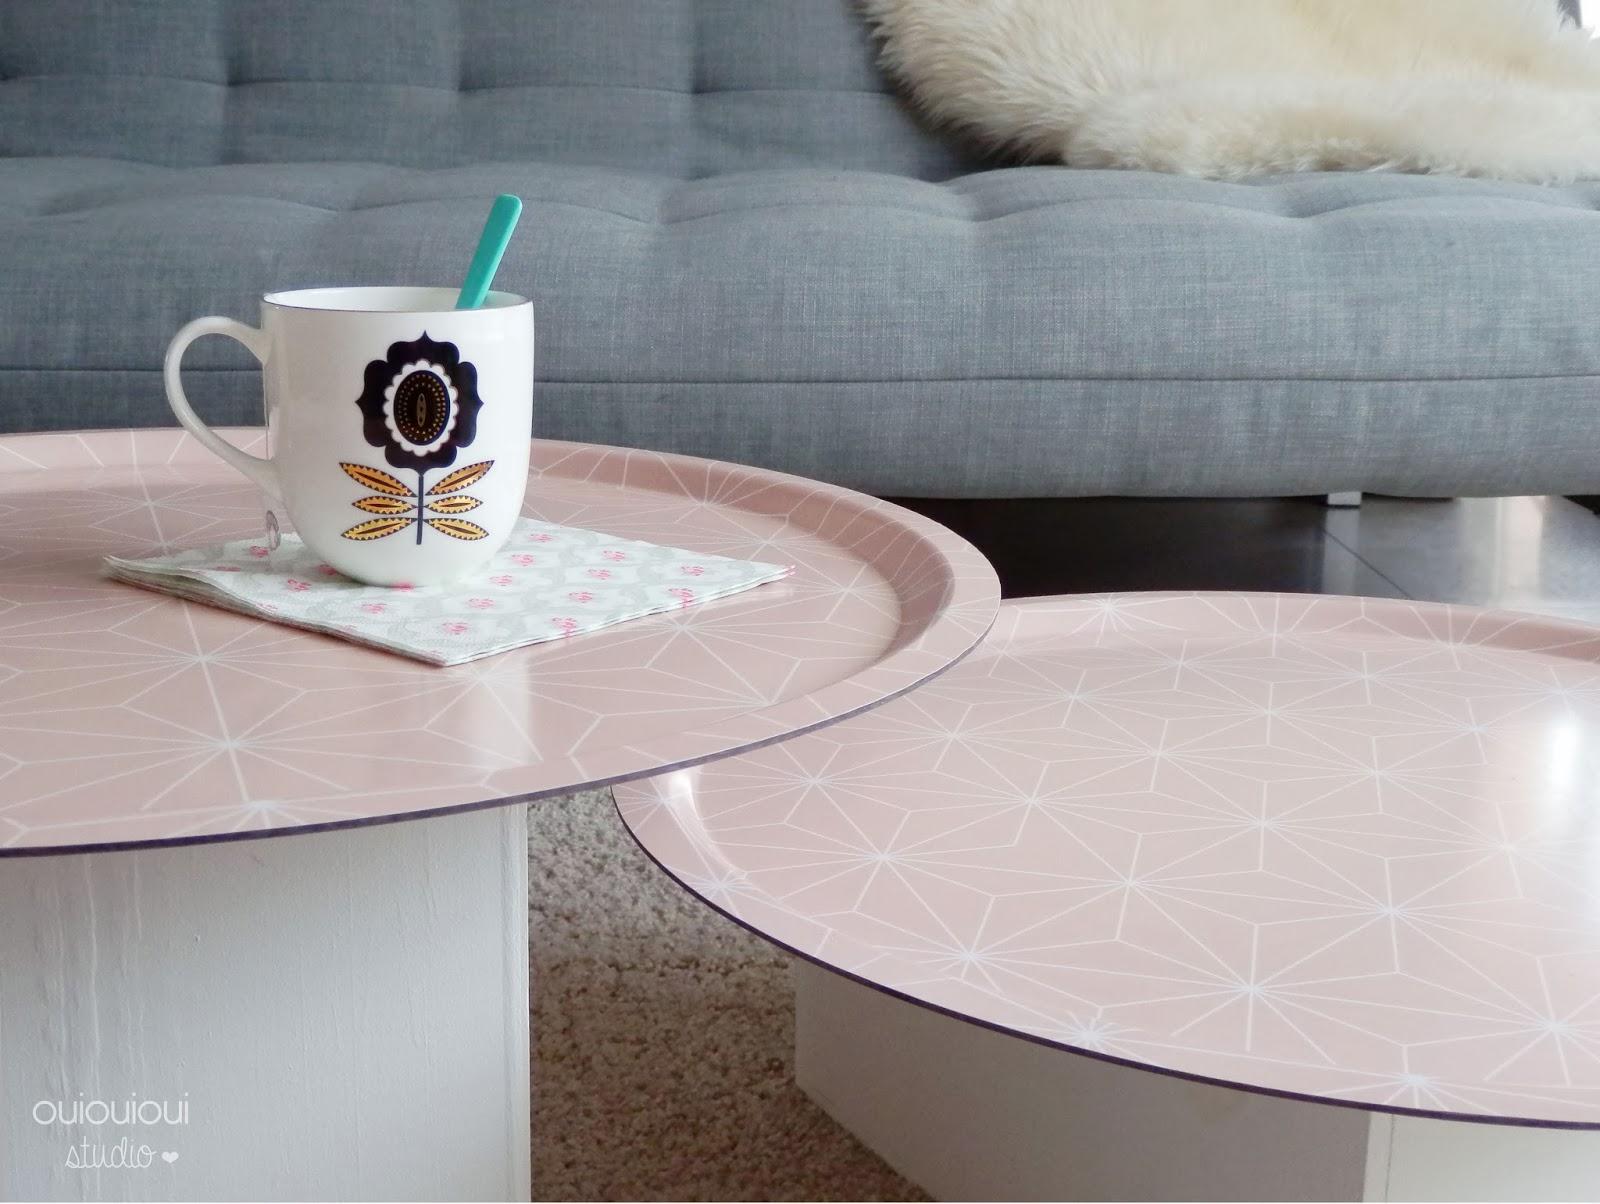 cheap fvrier with papier peint ikea. Black Bedroom Furniture Sets. Home Design Ideas